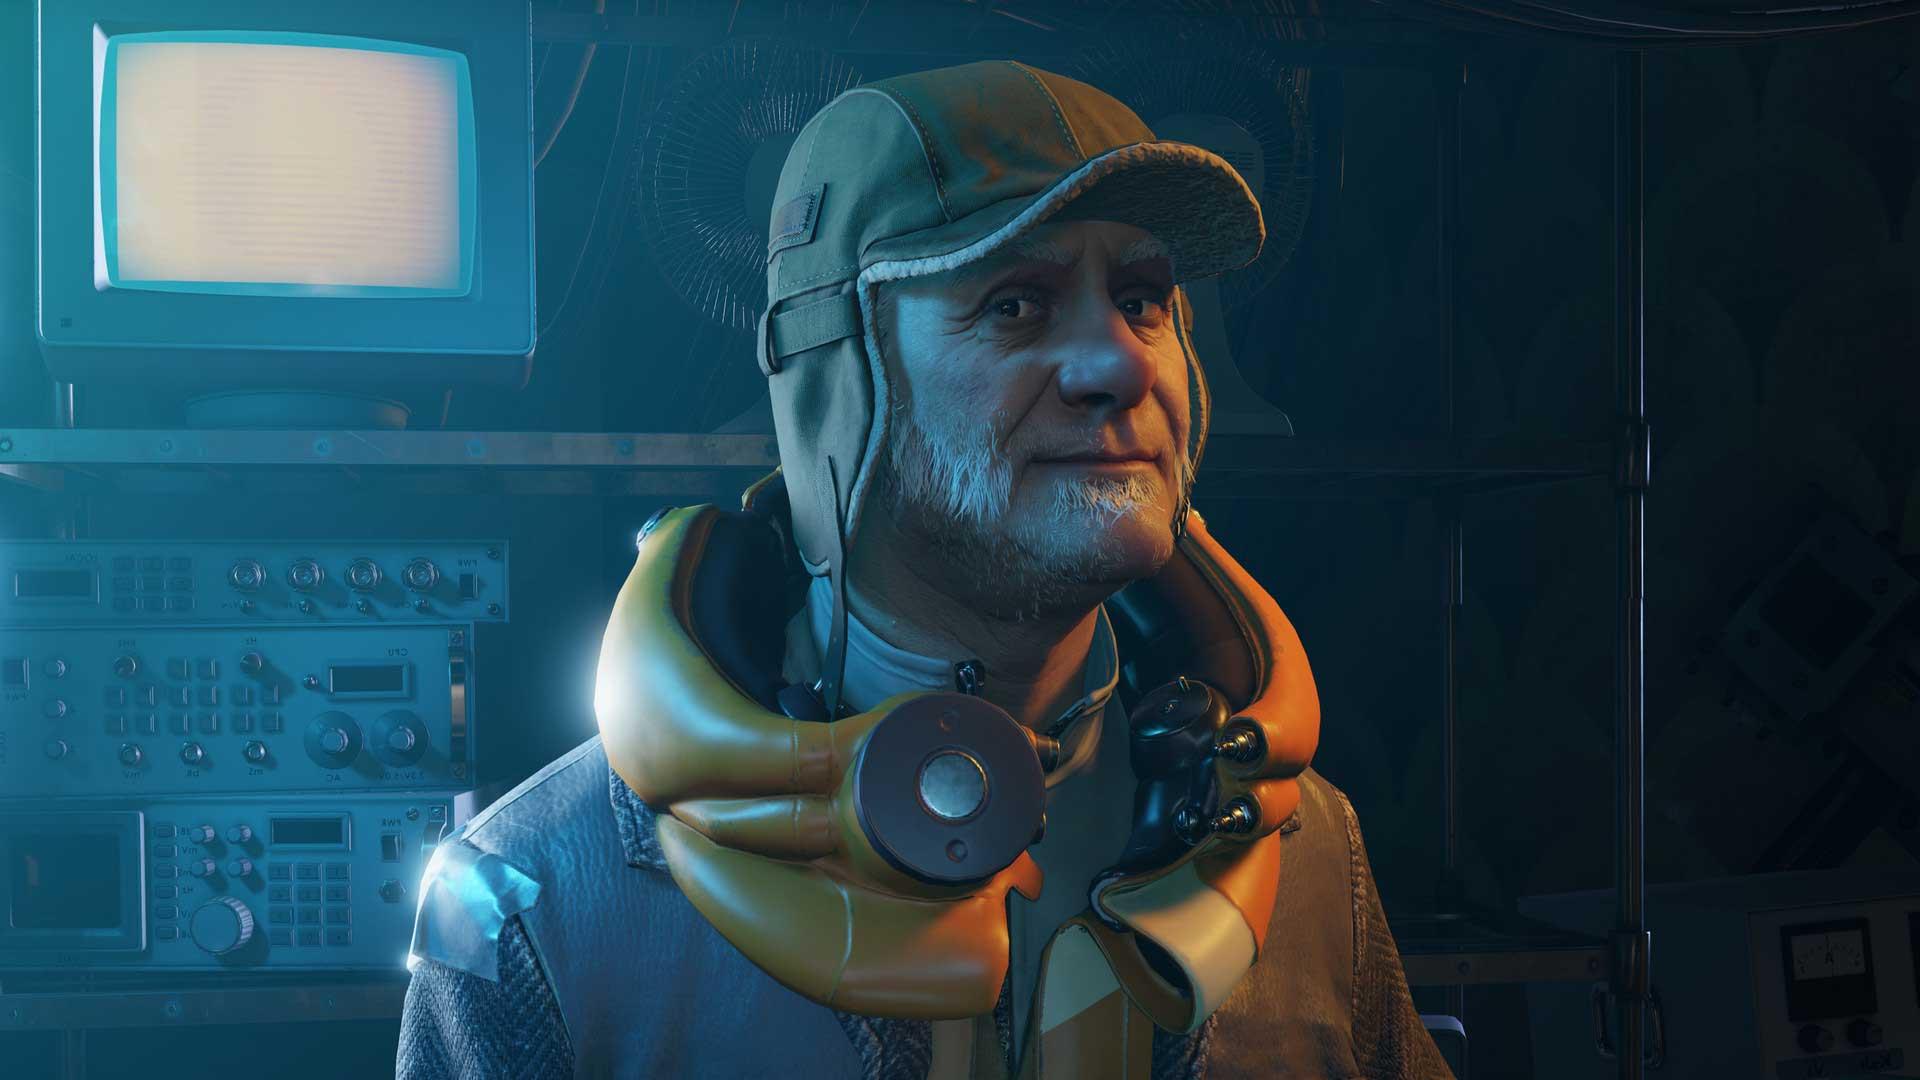 Как будет выглядеть Half-Life 3?